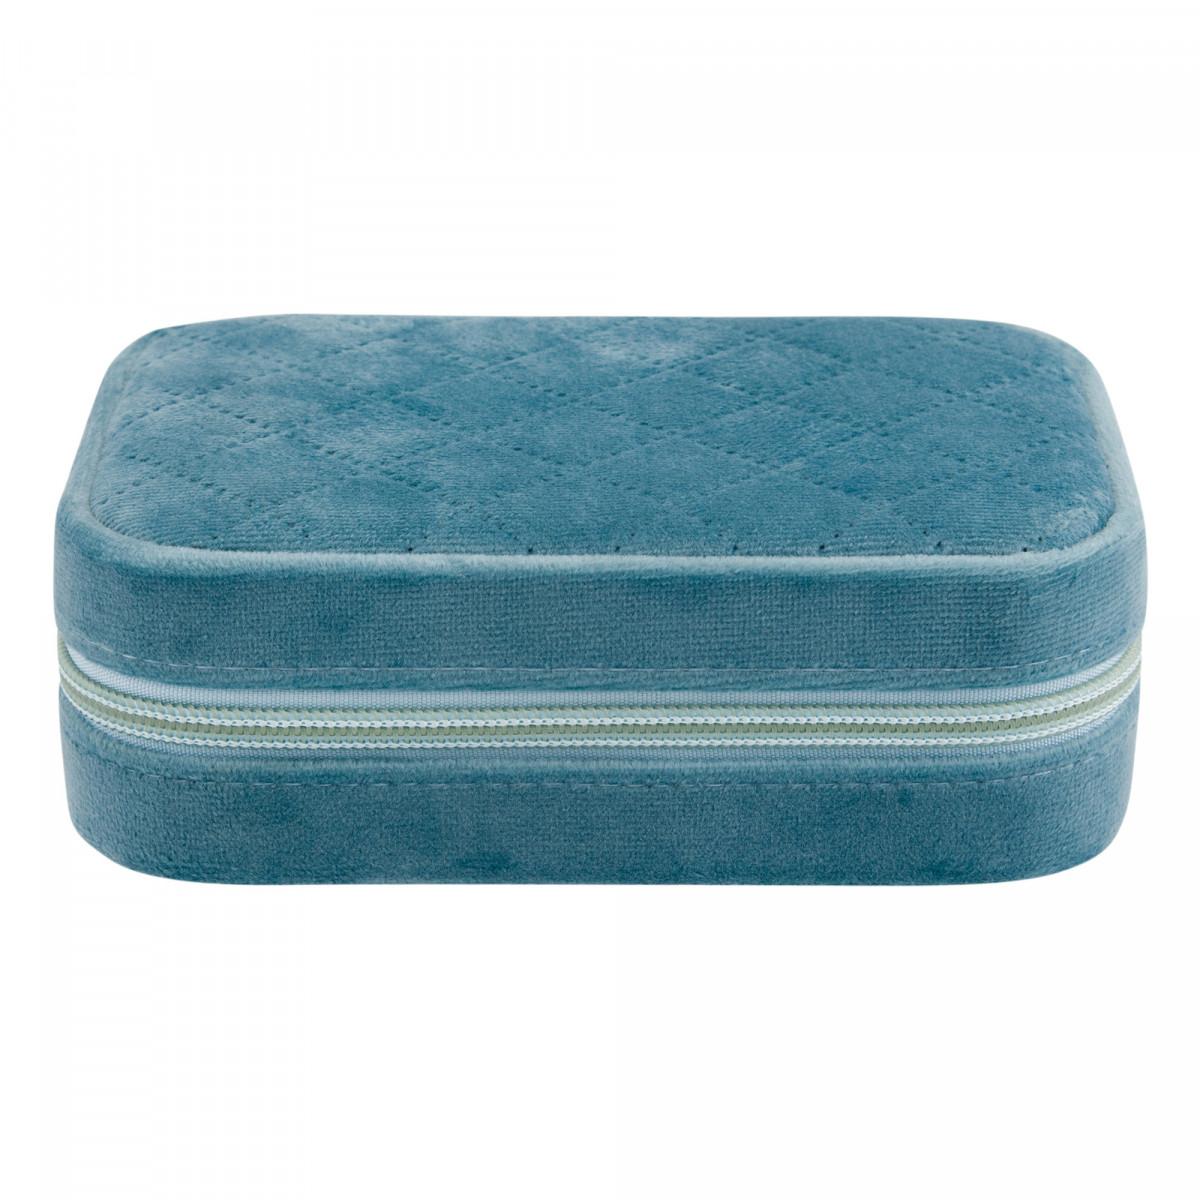 Pochette à Bijoux Bleu VELVET - 16 x 10 x 5 cm